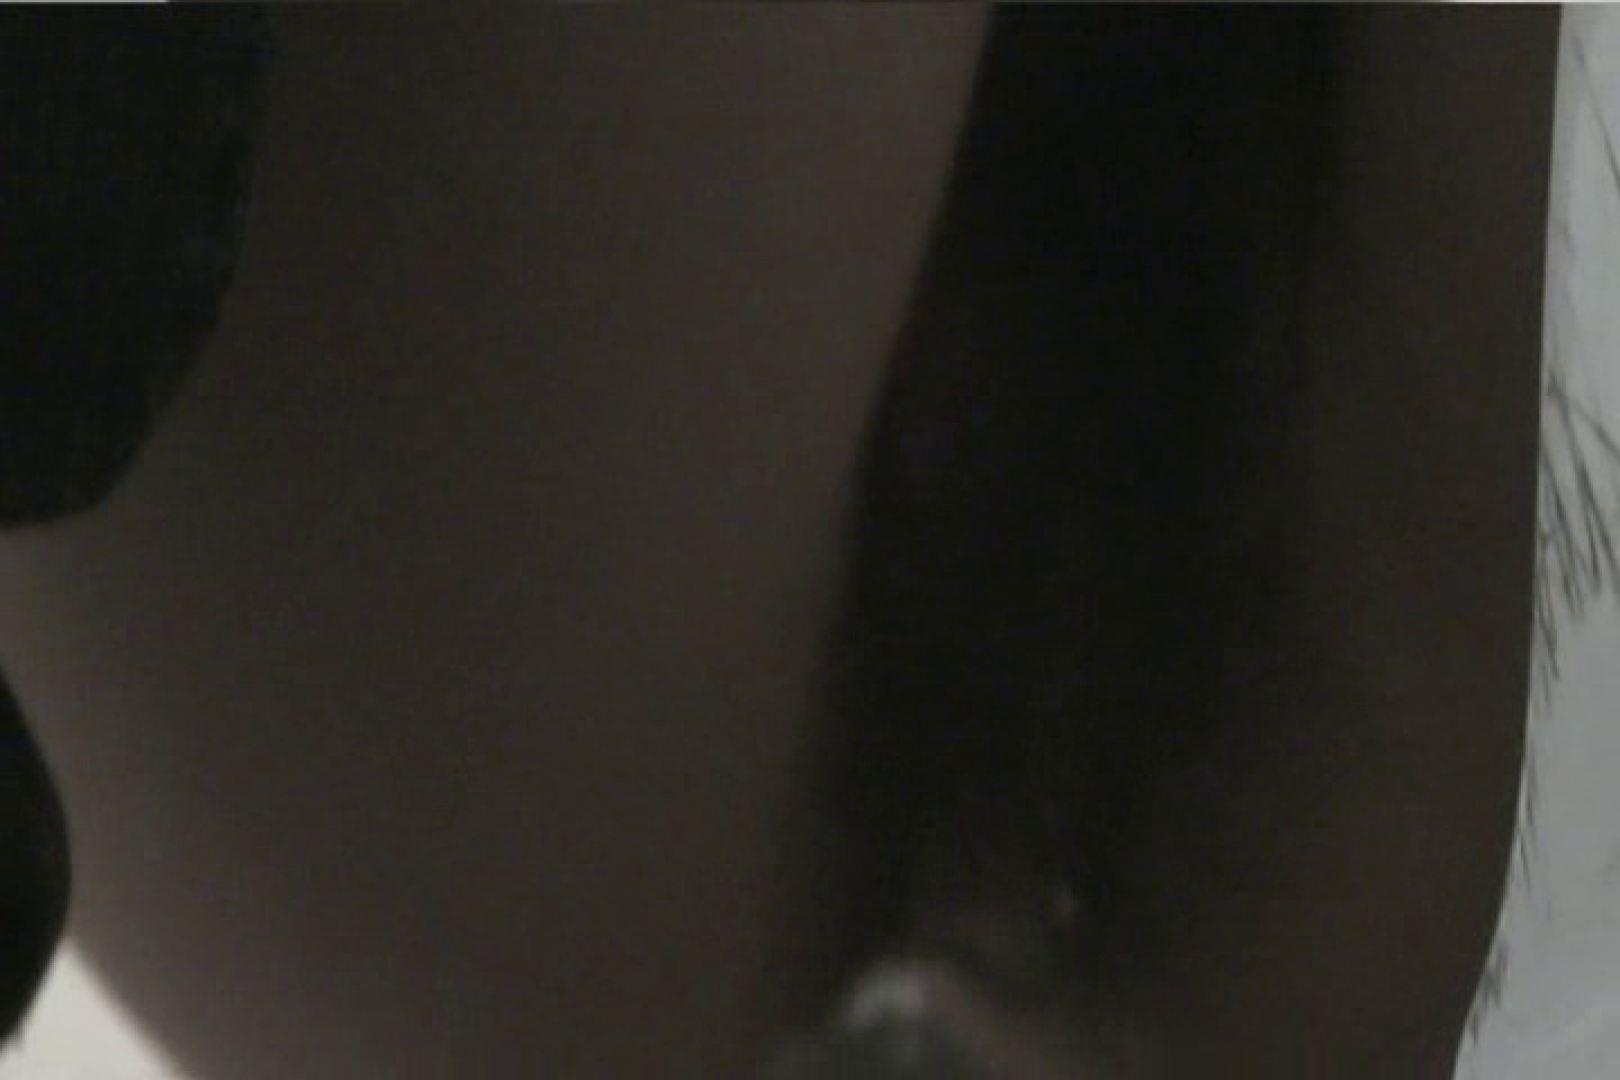 マンコ丸見え女子洗面所Vol.20 マンコ・ムレムレ   美しいOLの裸体  72pic 1